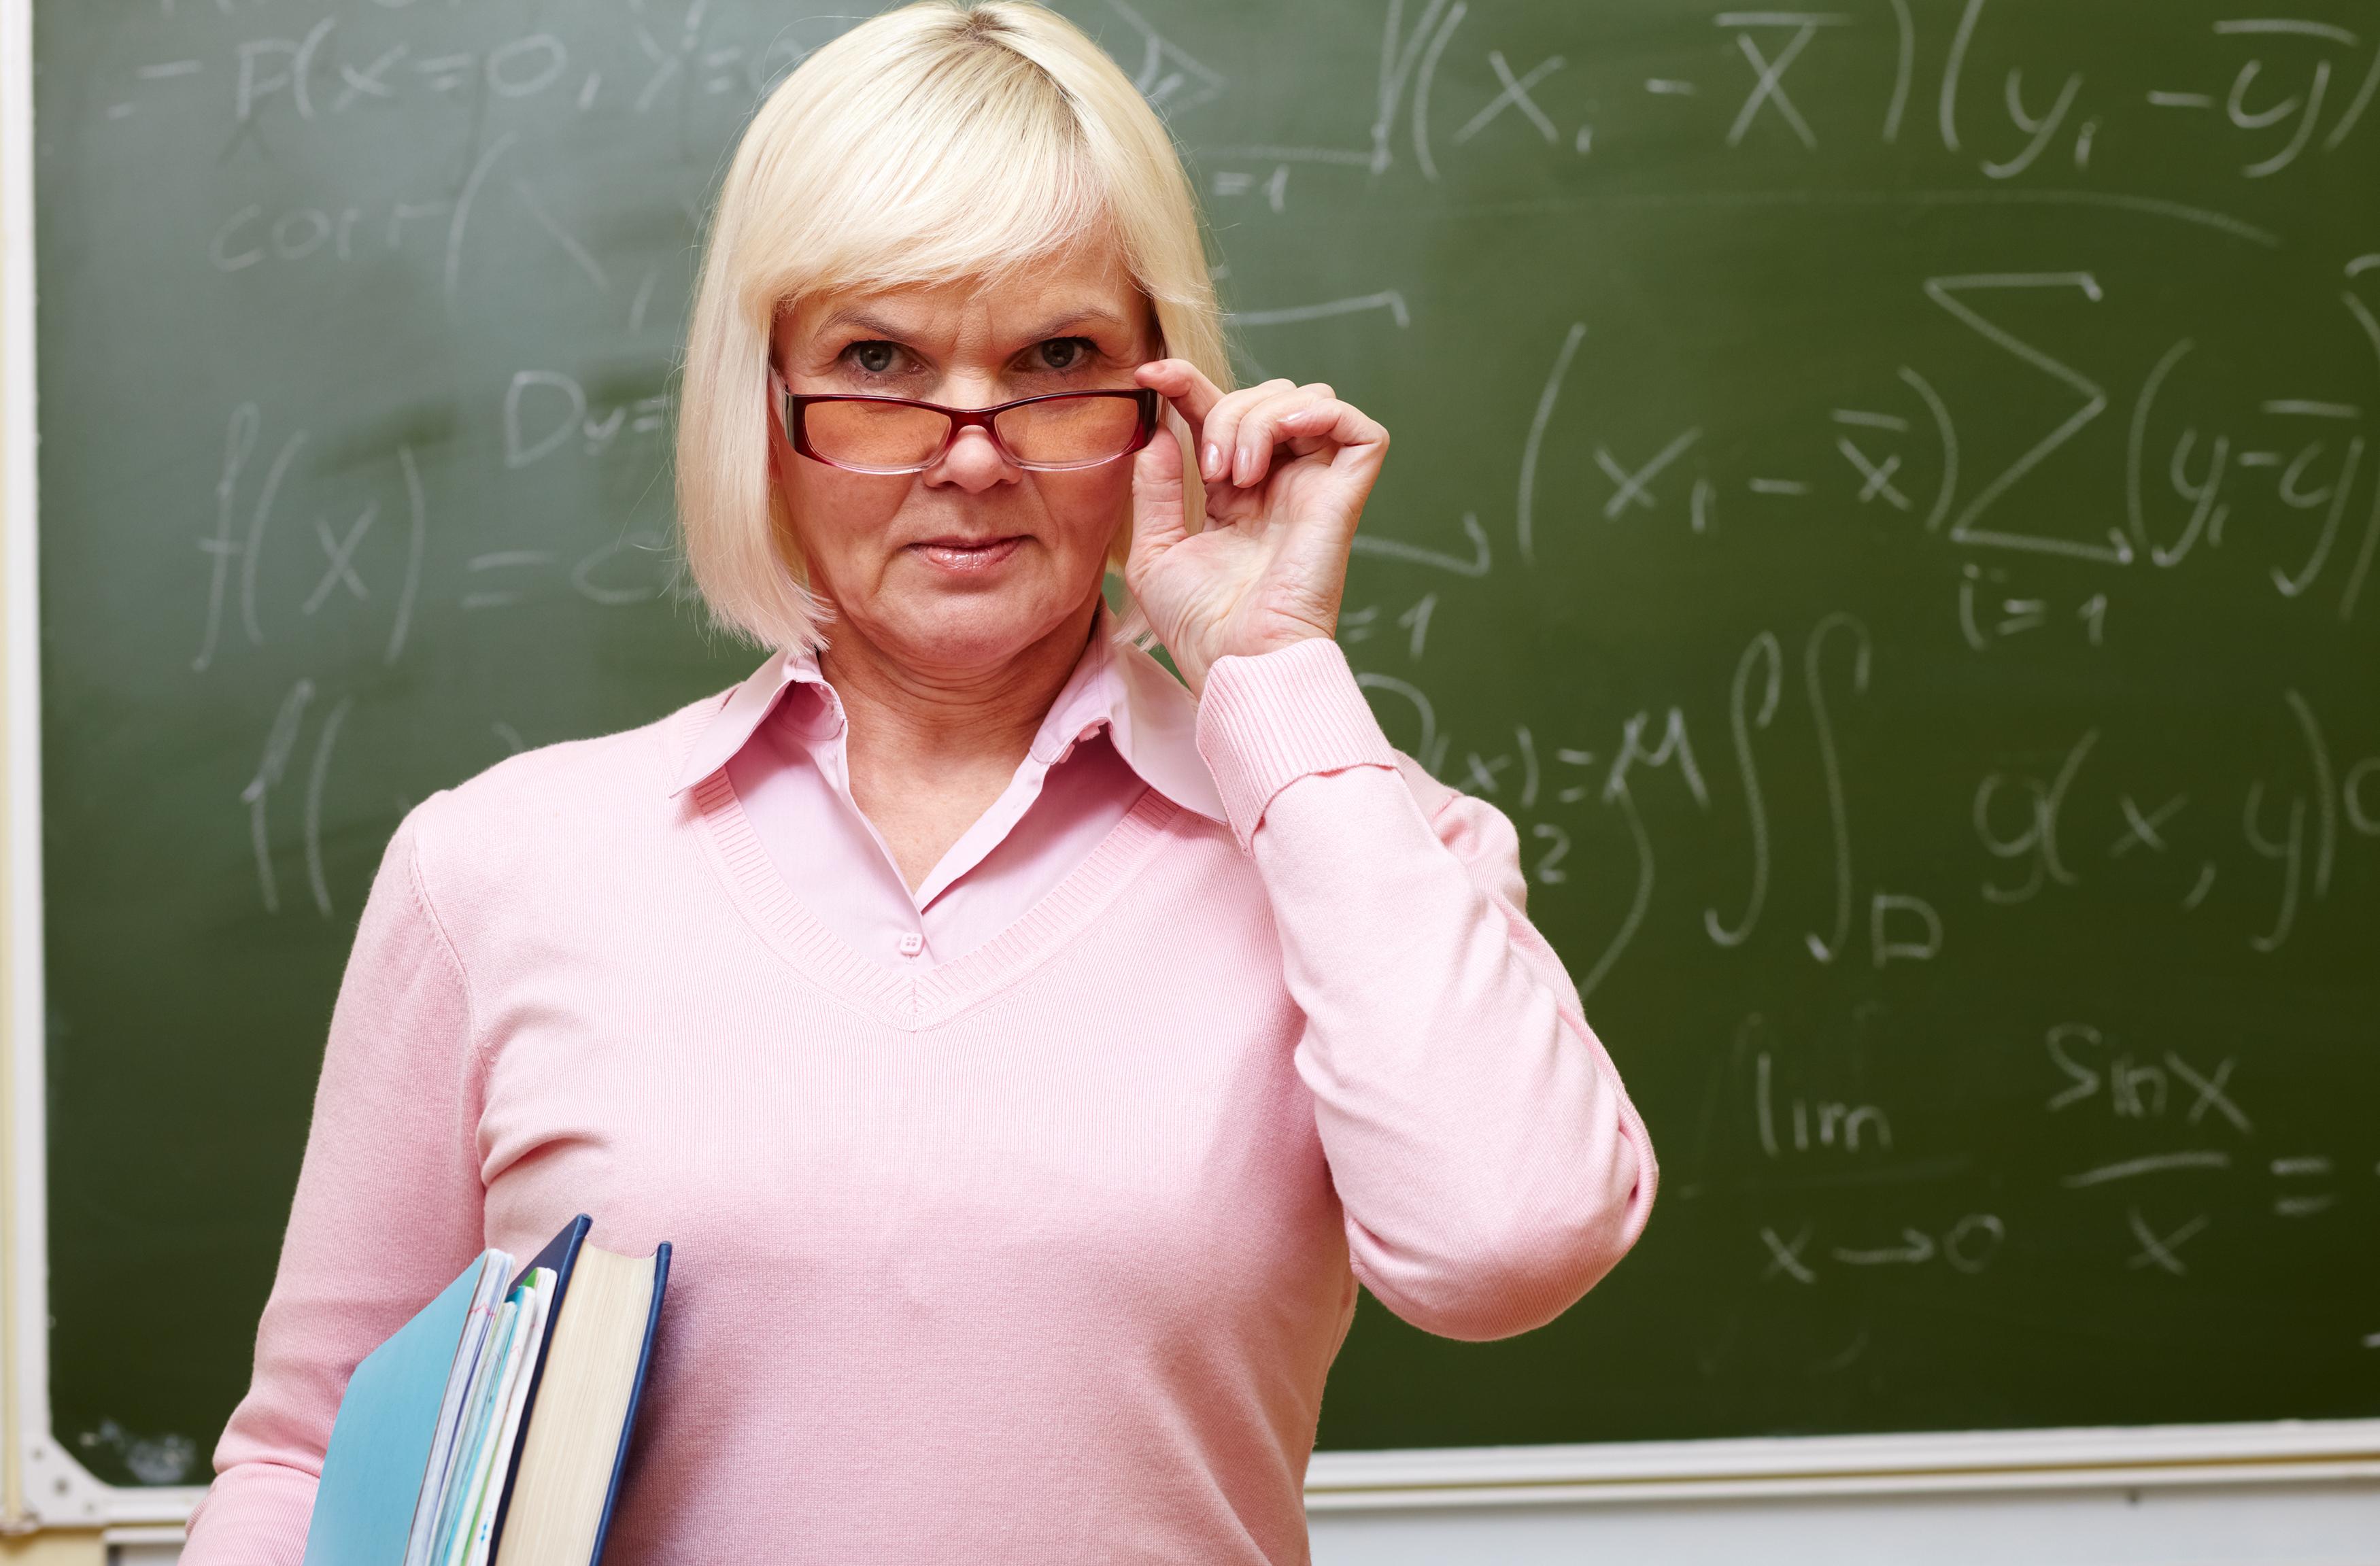 Трахнул жестко училку дома, Ученик трахает училку -видео. Смотреть Ученик 18 фотография